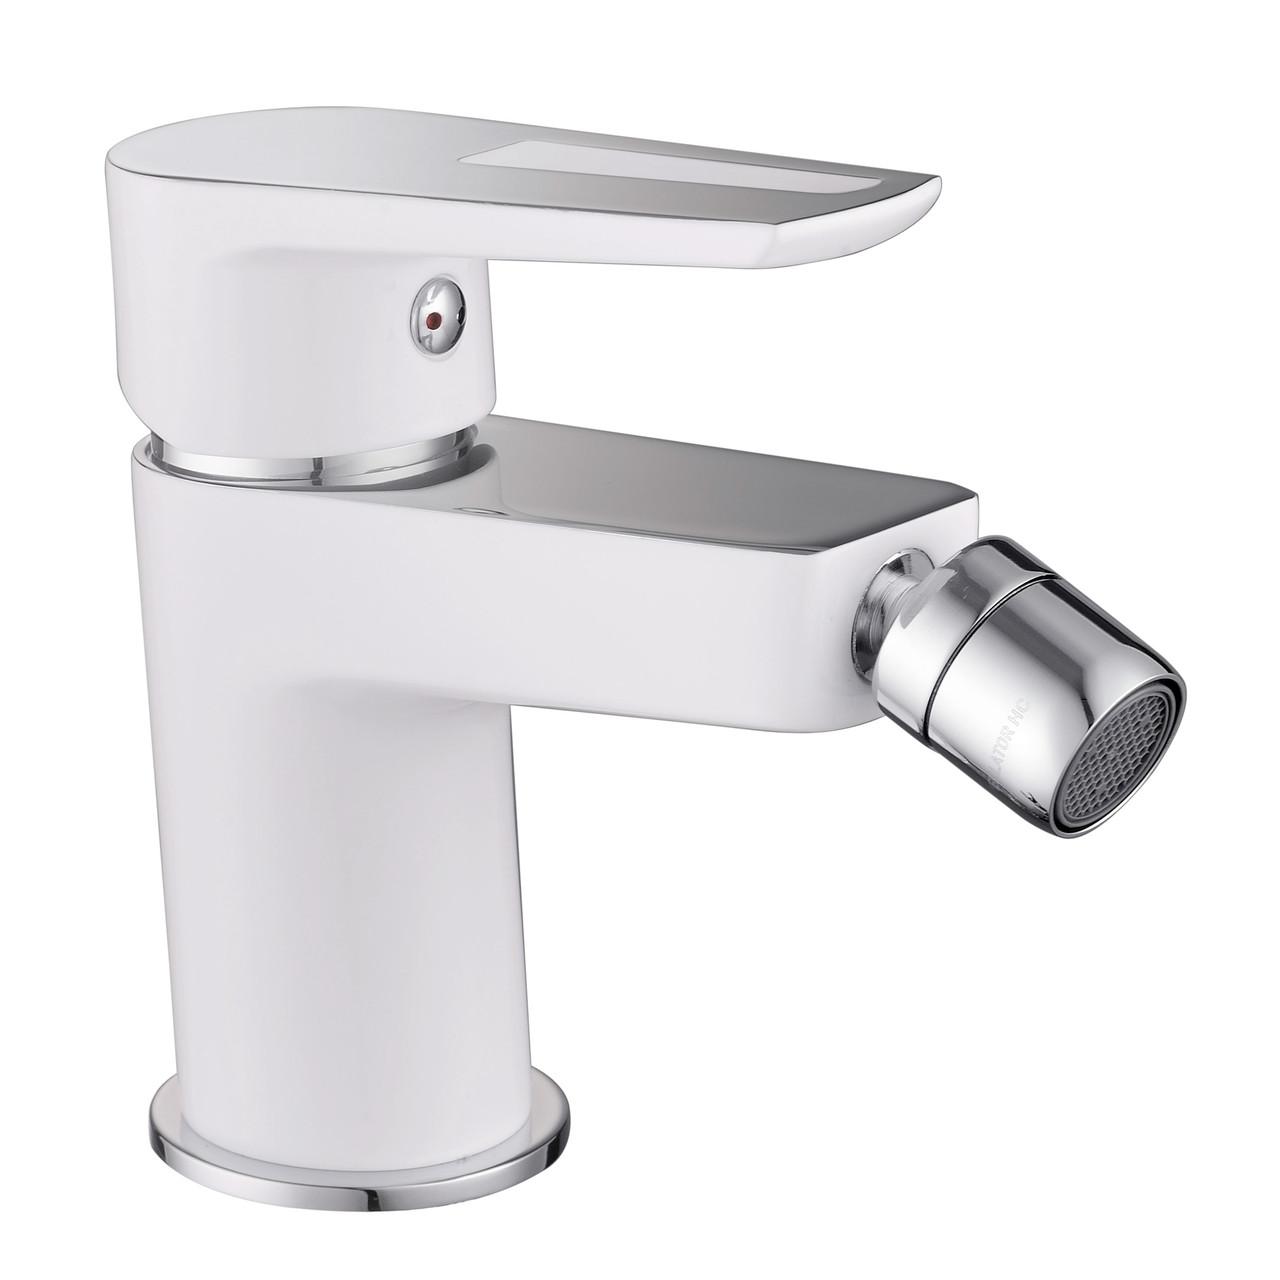 BRECLAV смеситель для биде, хром/белый, 35 мм